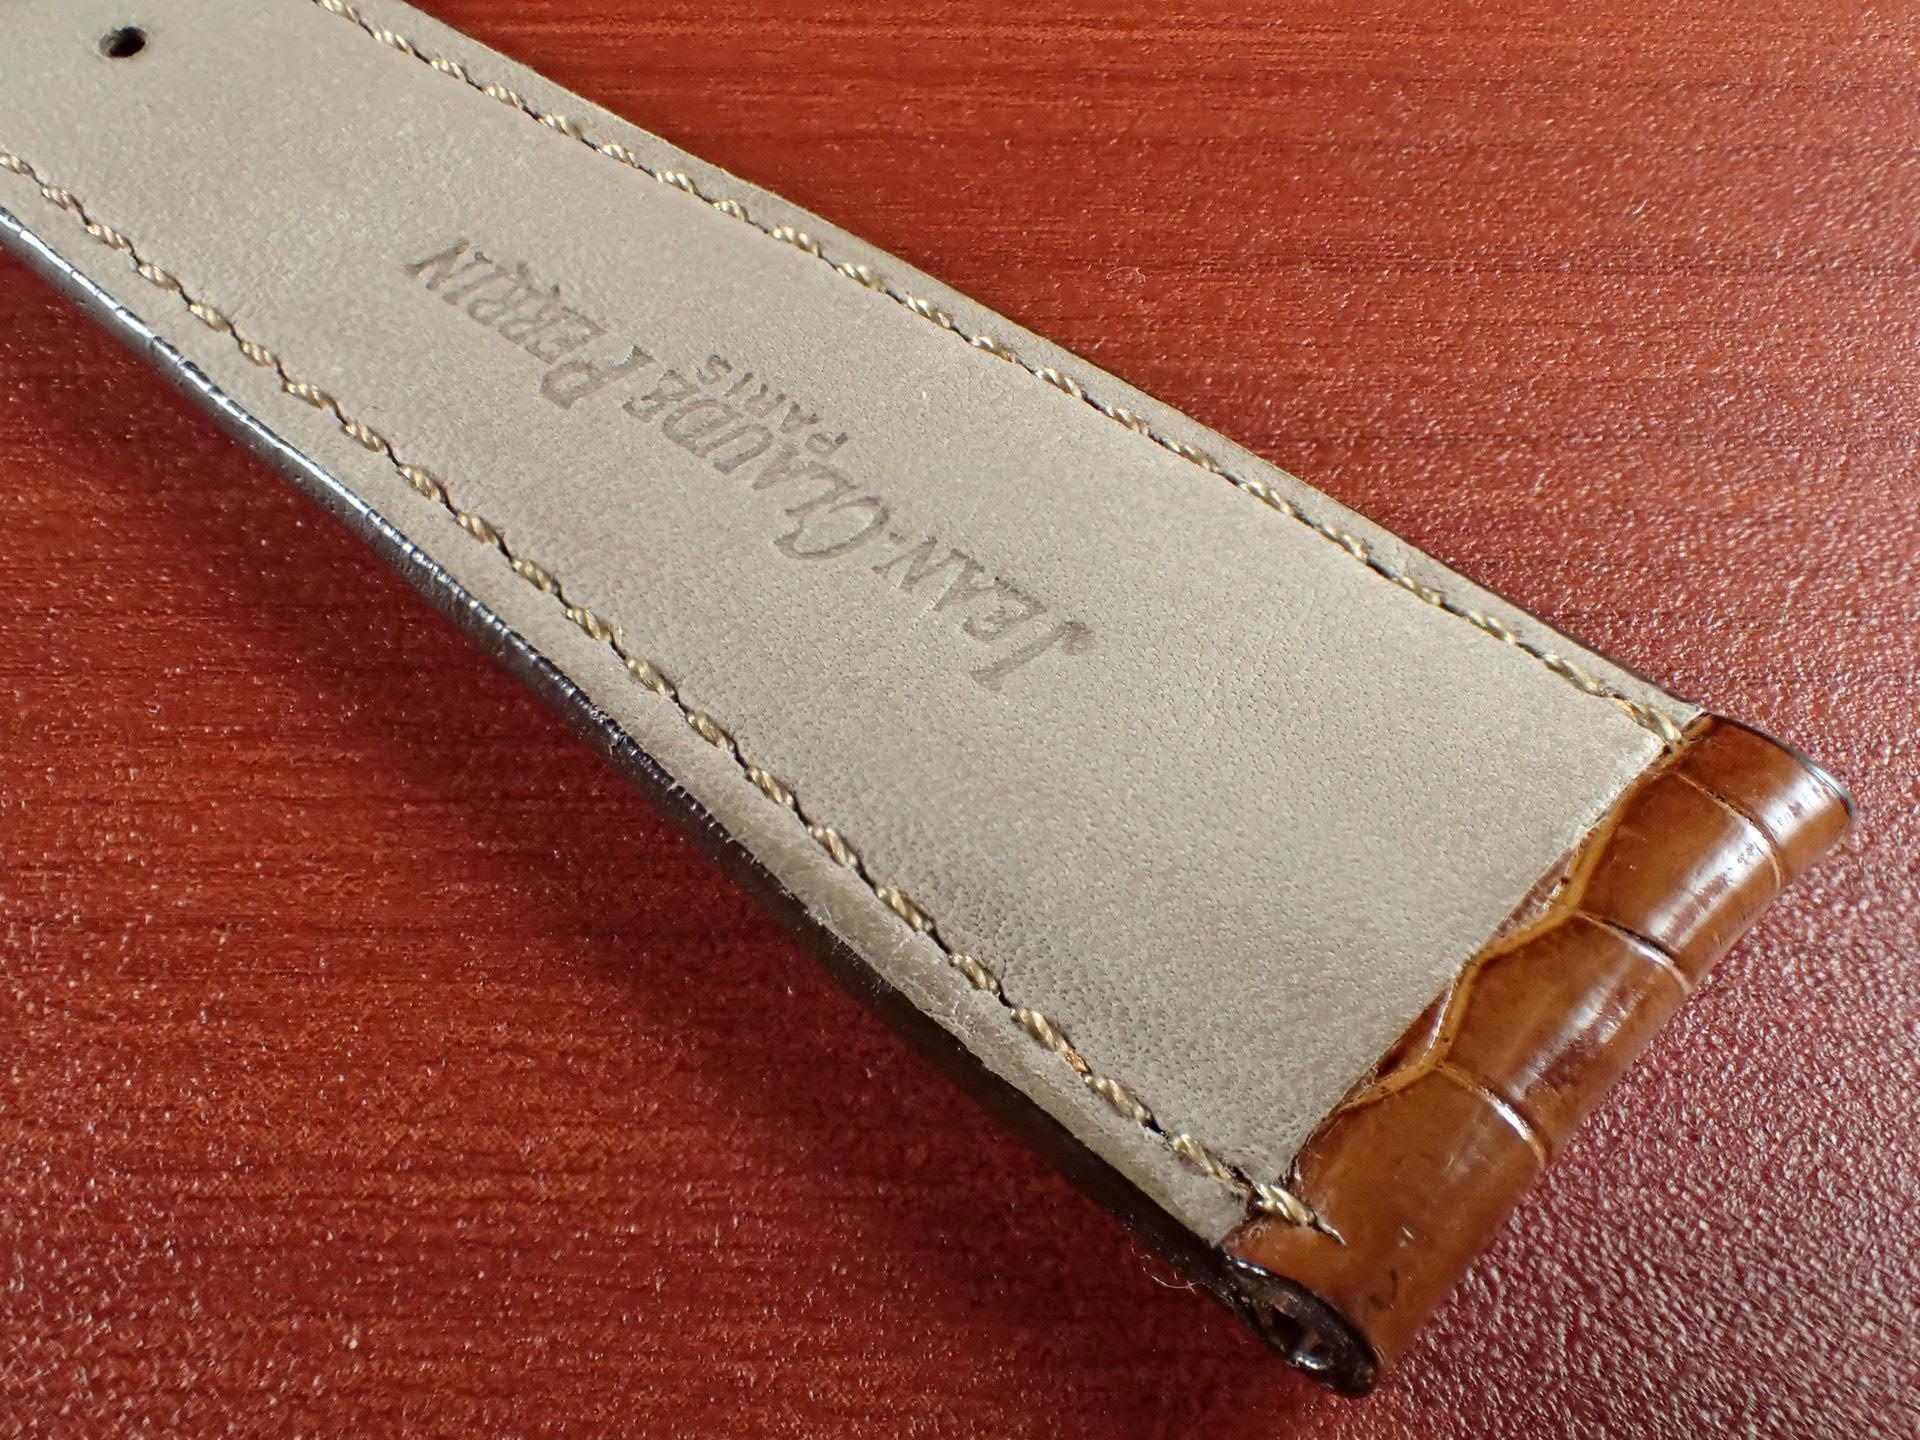 ジャン・クロード ペラン革ベルト(オールドペラン)クロコダイル キャメル 22mmの写真6枚目